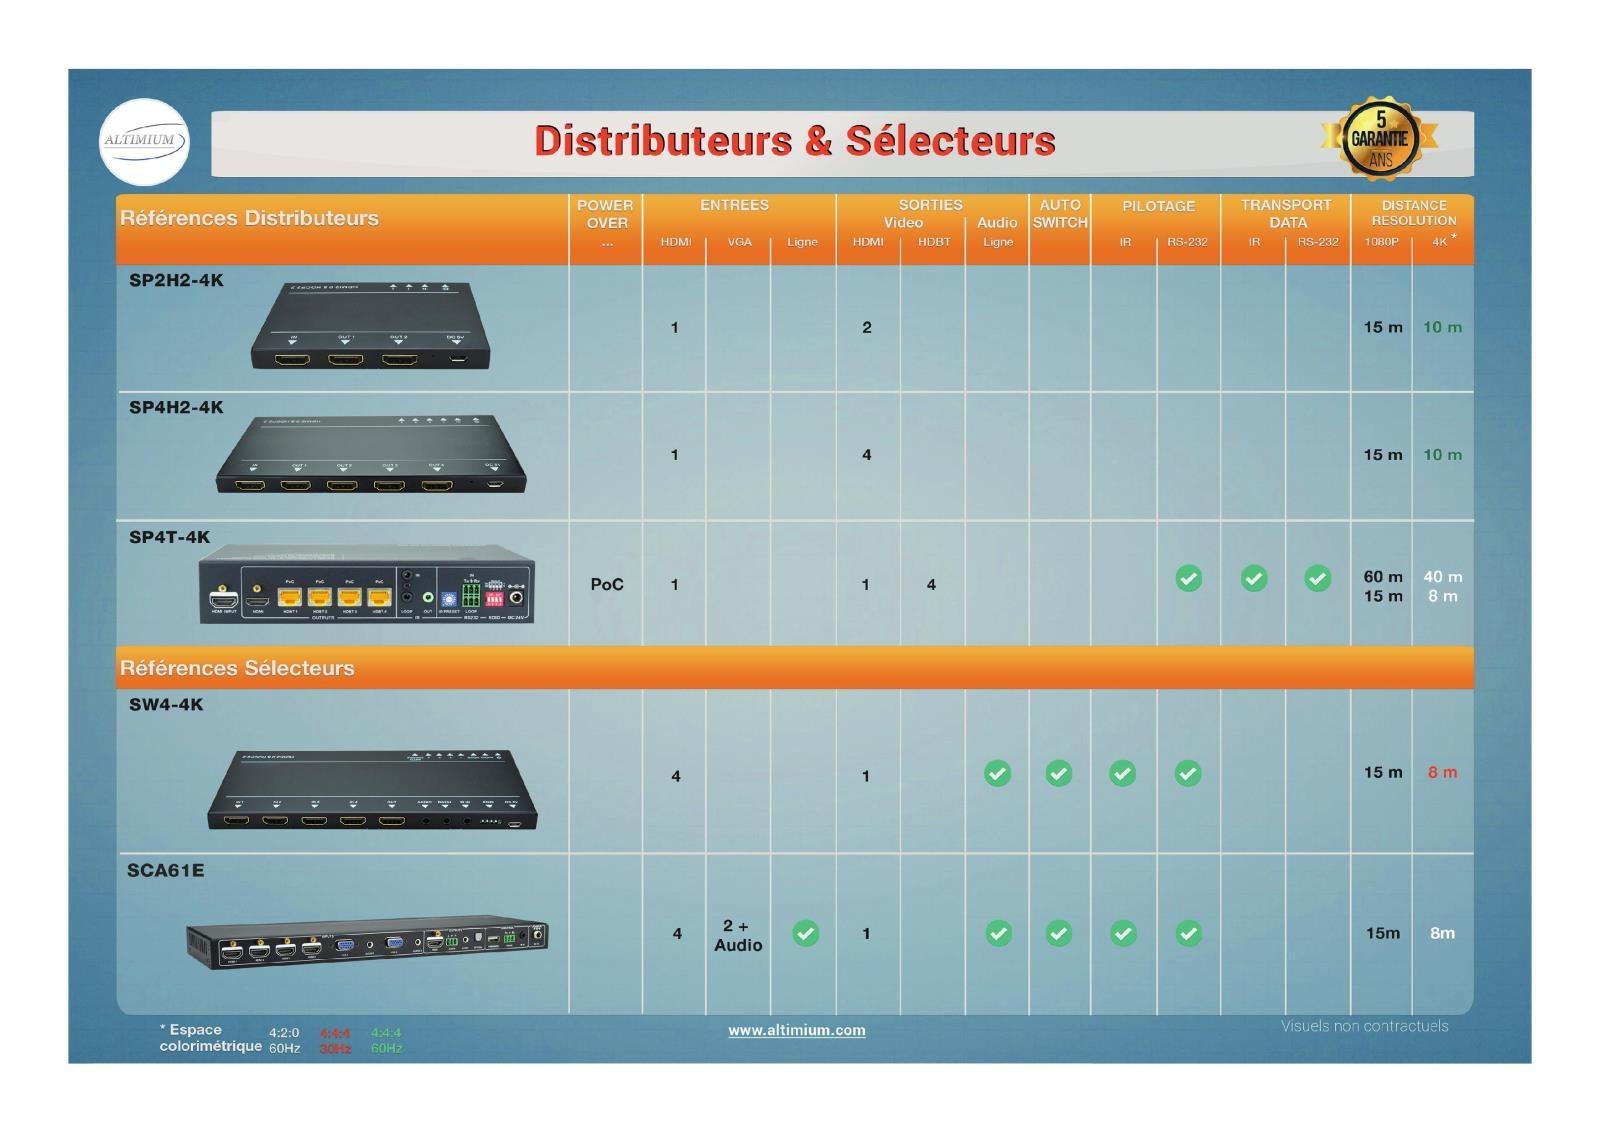 tableau comparaison Selecteurs et Distributeurs Altimium